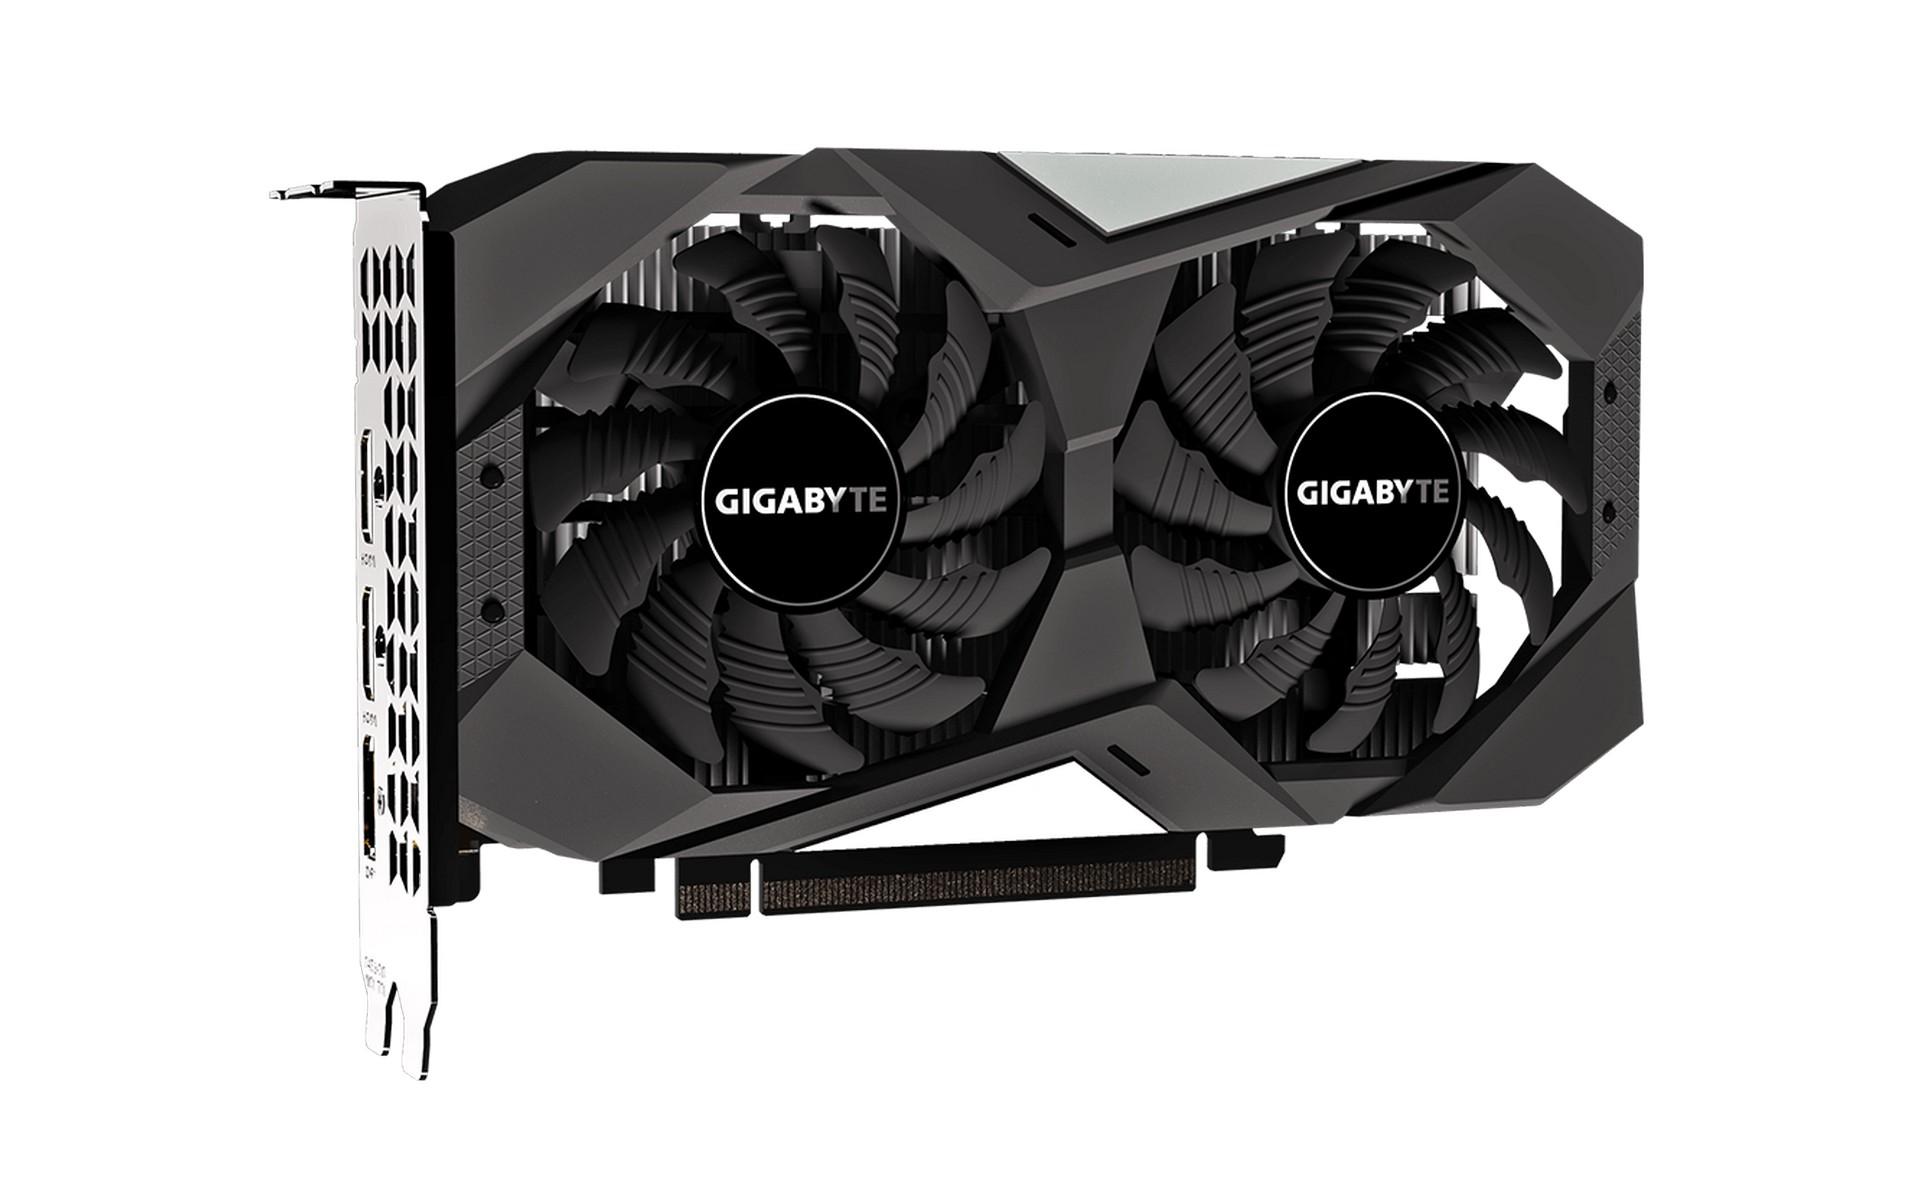 Card Màn Hình Gigabyte GeForce GTX 1650 OC 4G